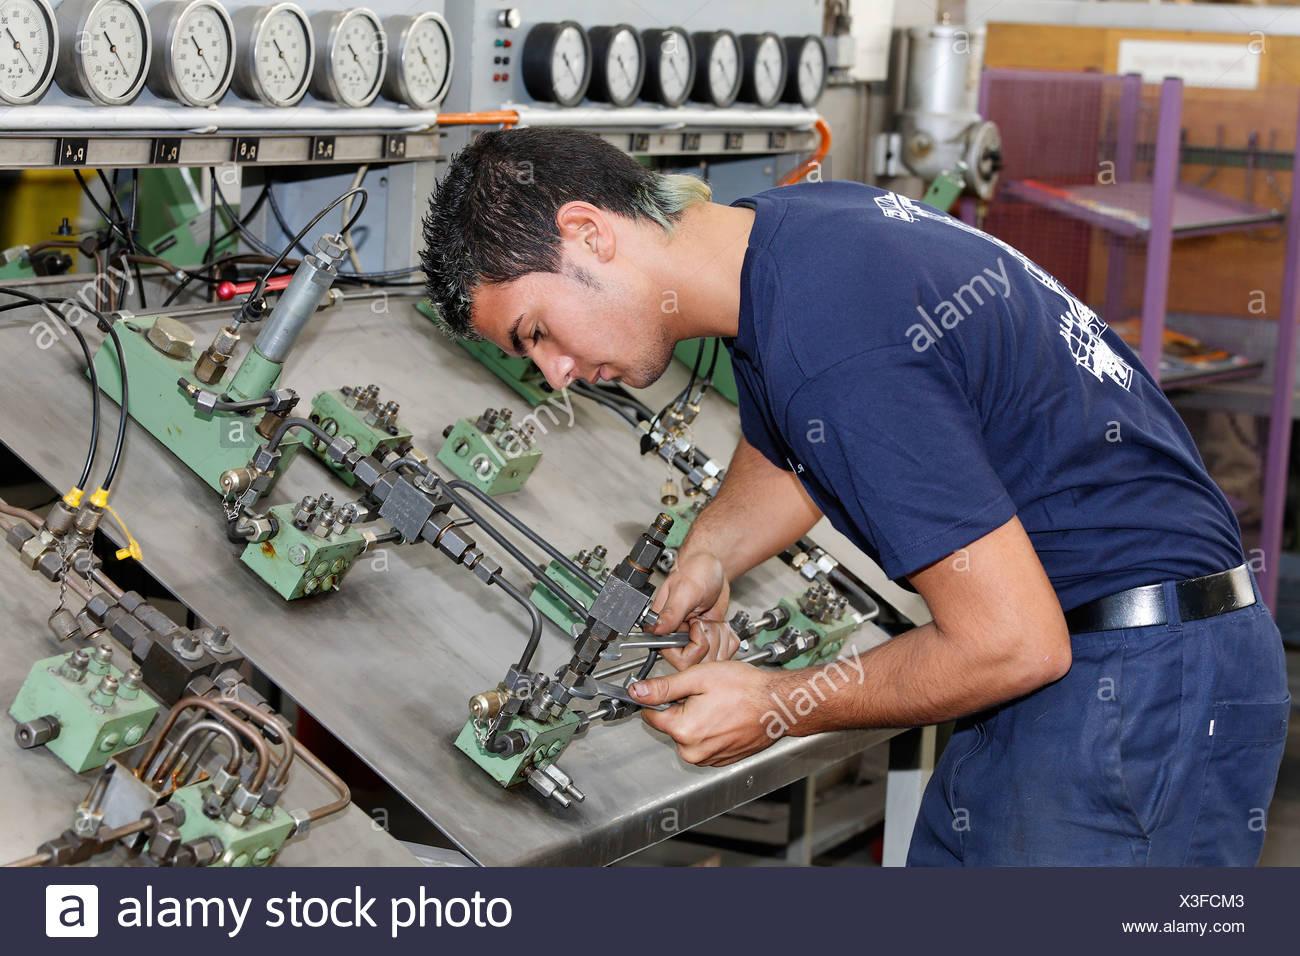 Stagiaire en vissant un double circuit, système de graissage hkm atelier de formation, Duisburg-ehingen, NRW, Allemagne Photo Stock